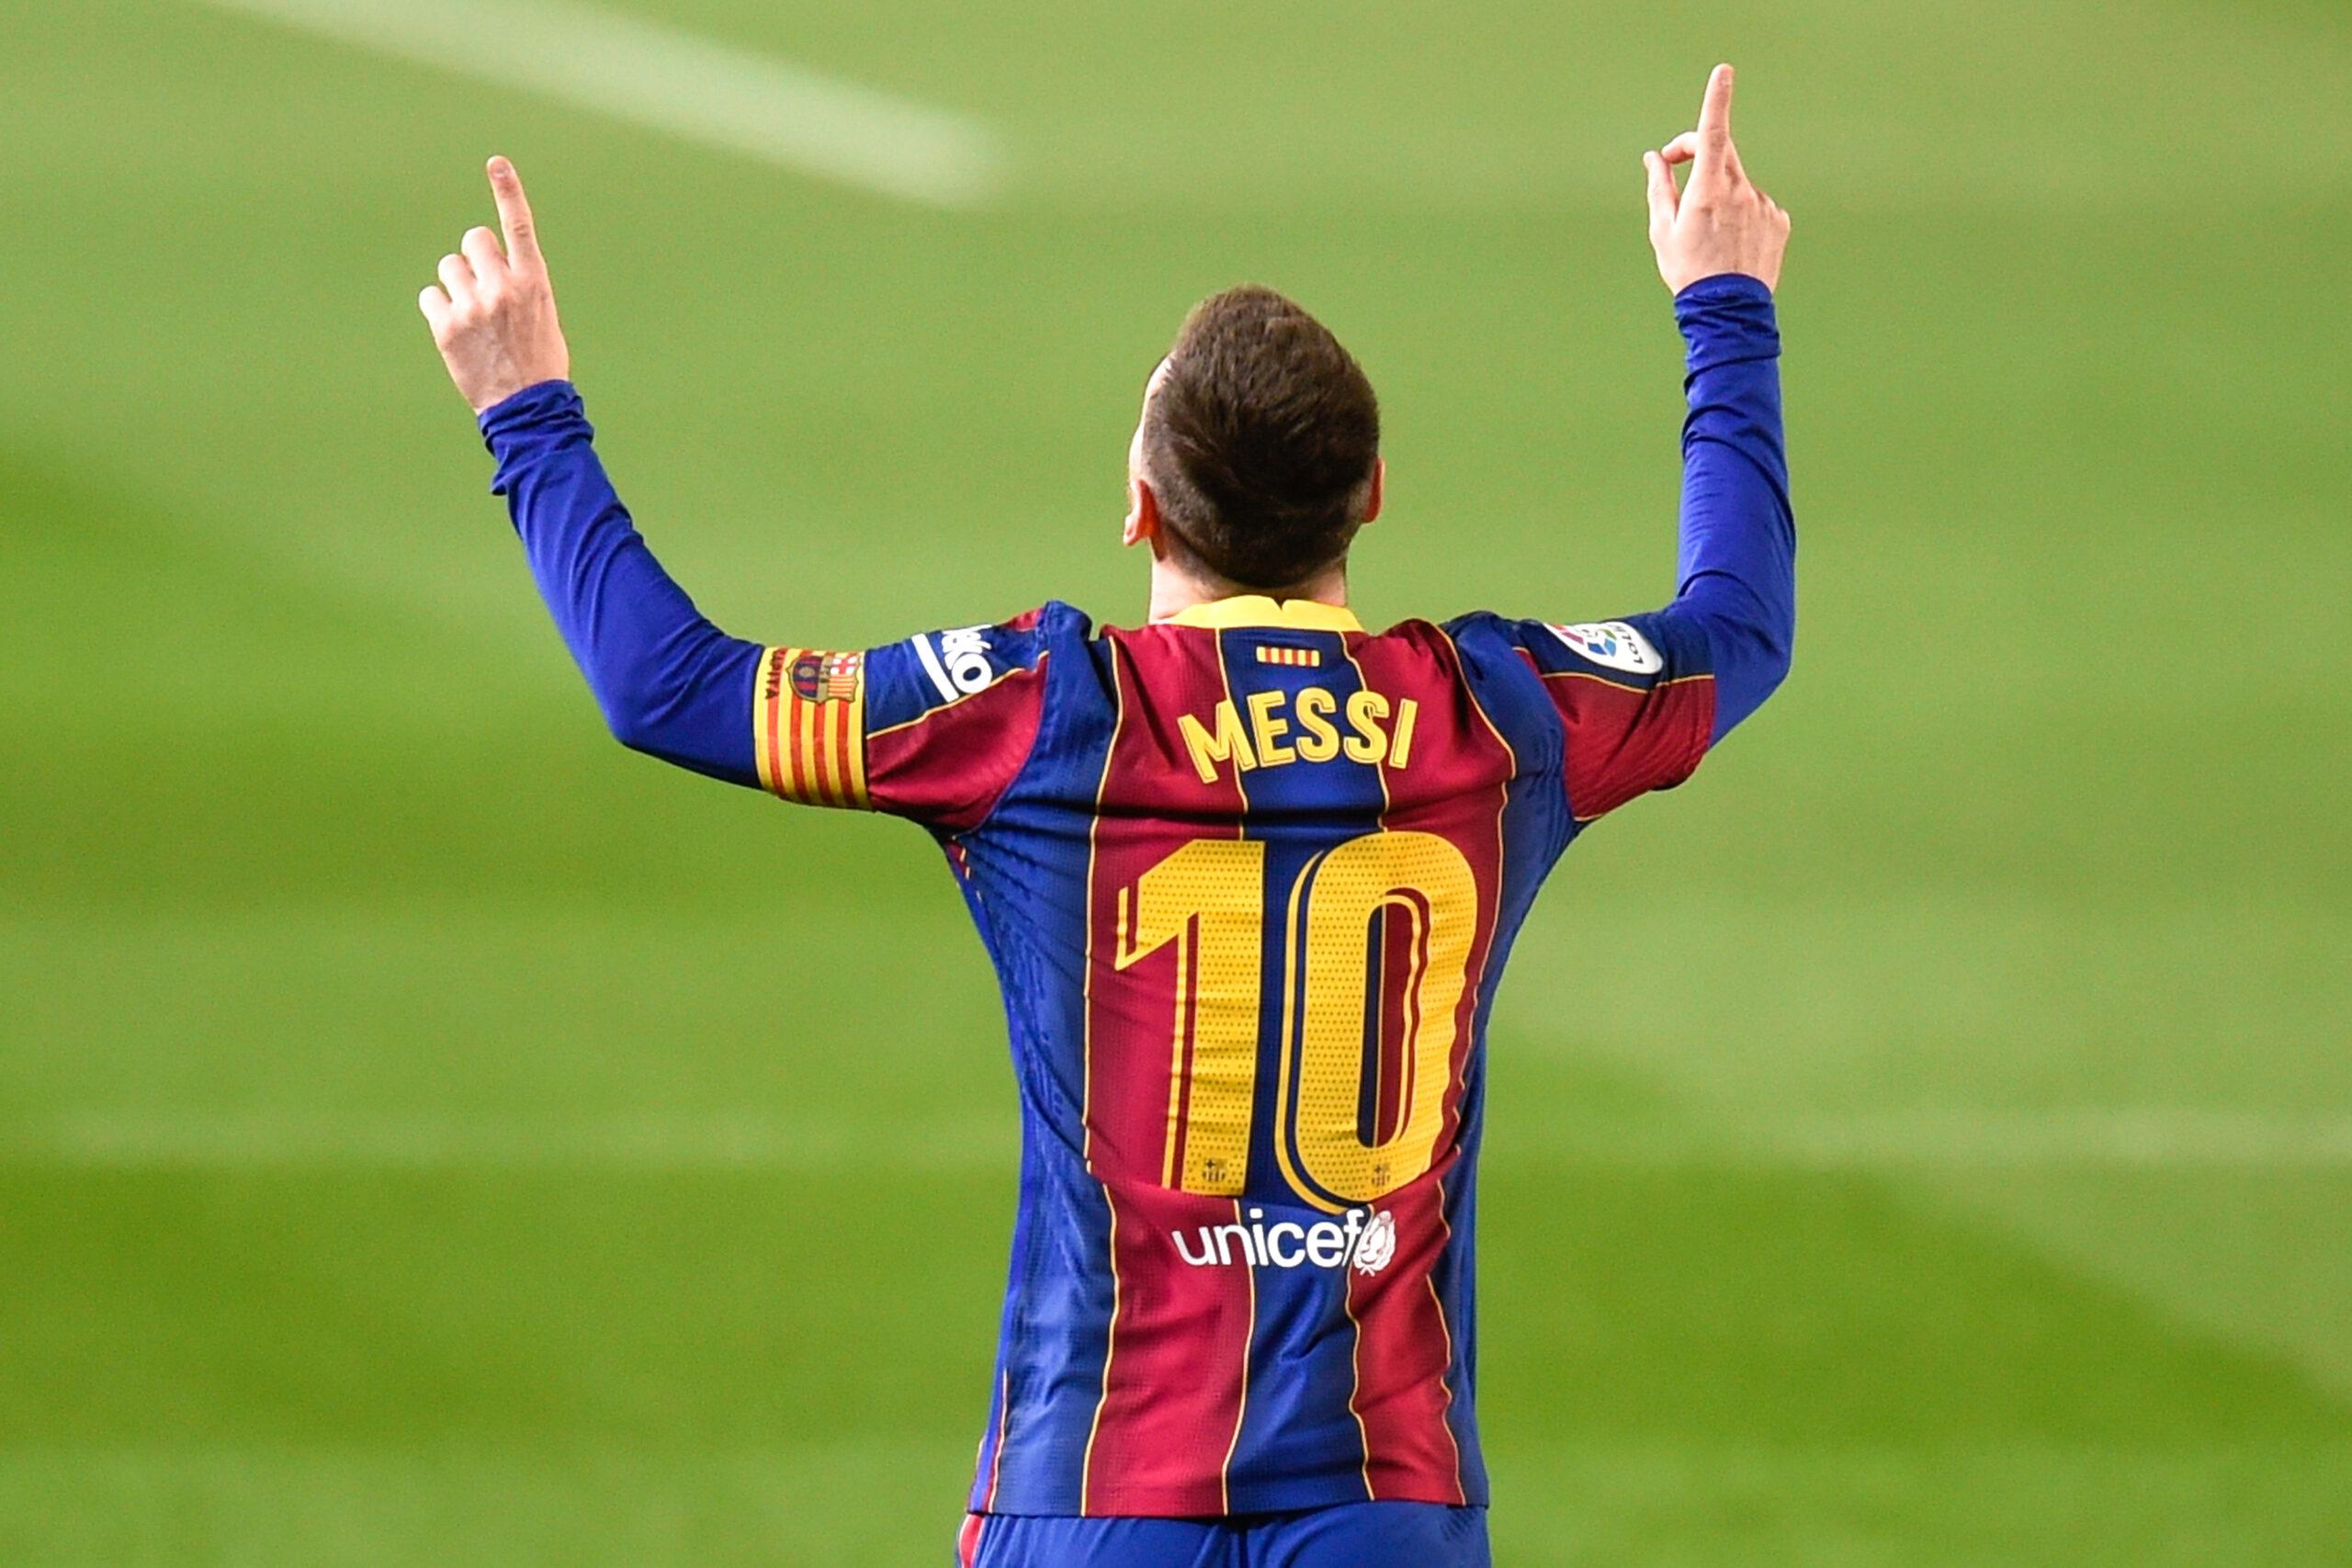 ميسي يقود برشلونة لفوز ساحق على هويسكا في ليلة تاريخية